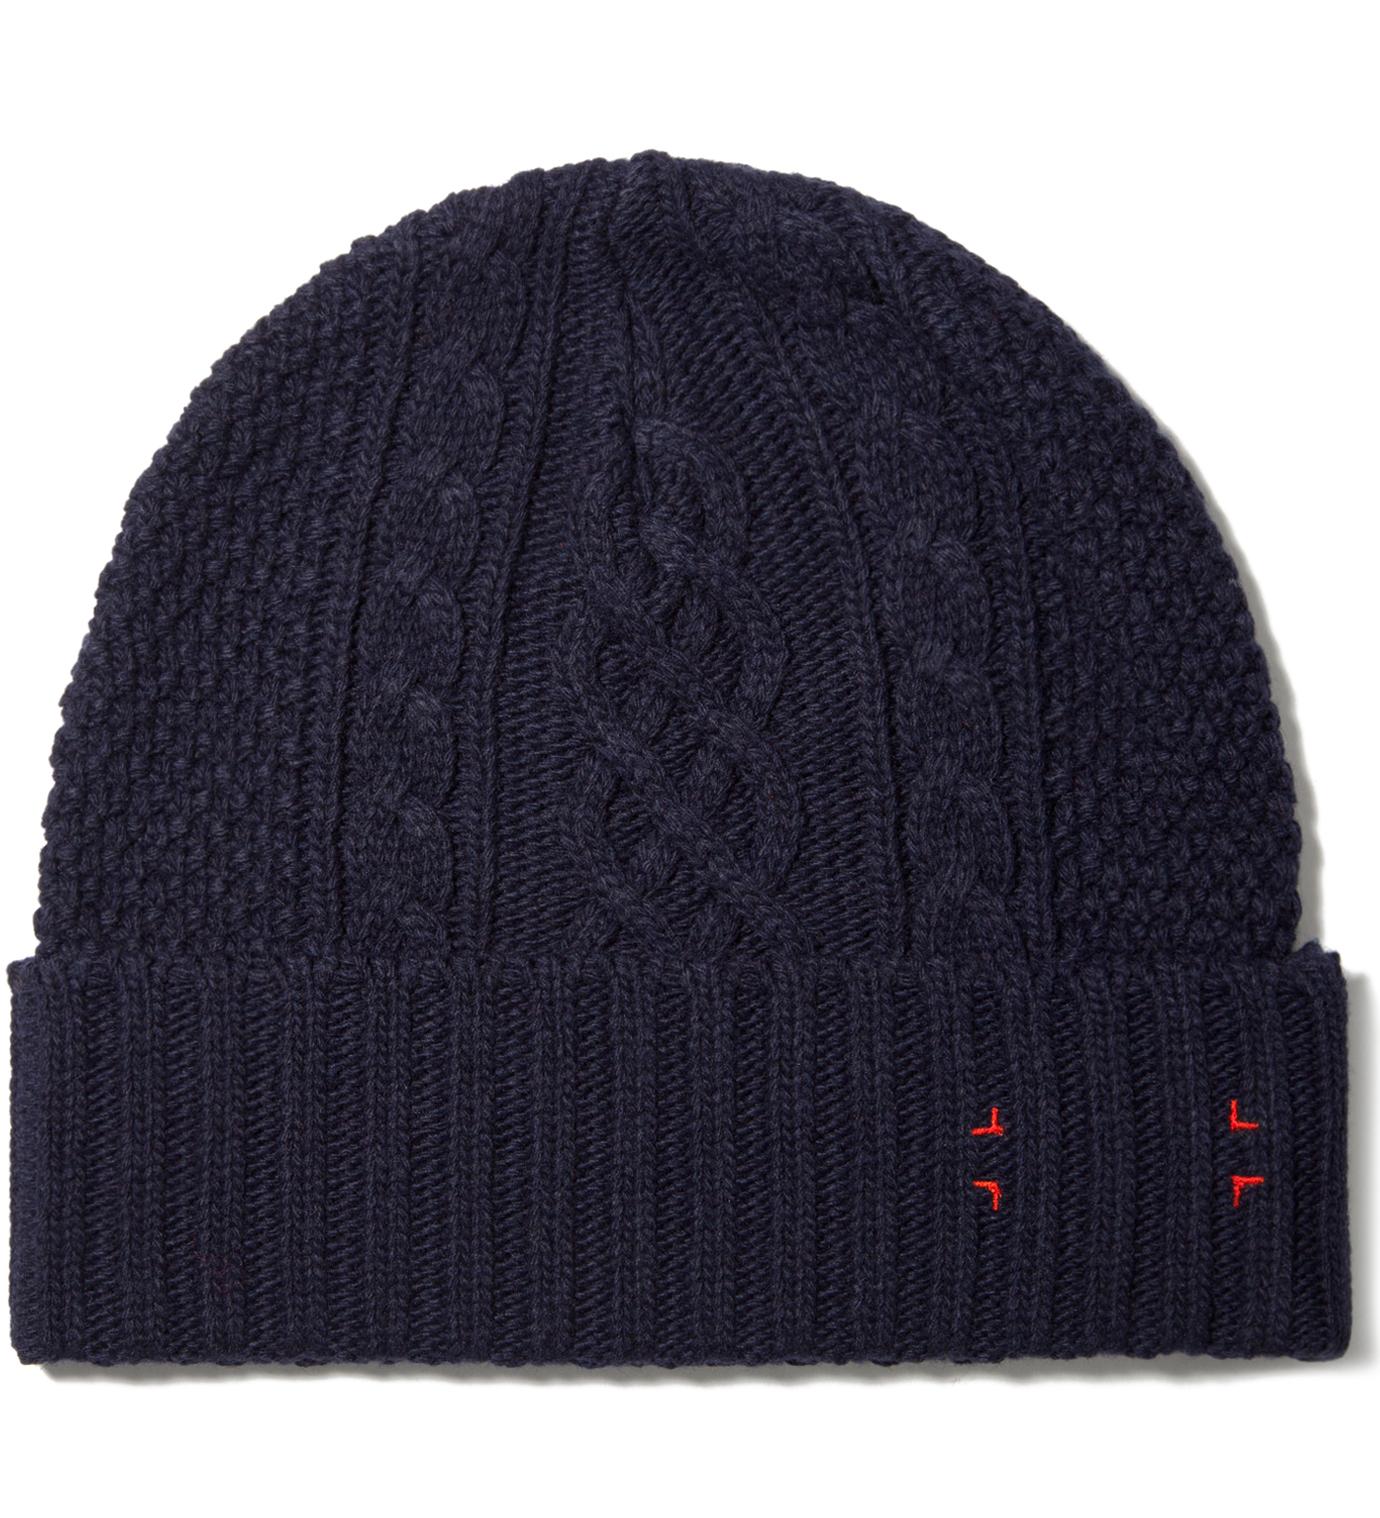 CASH CA Navy Knit Cap